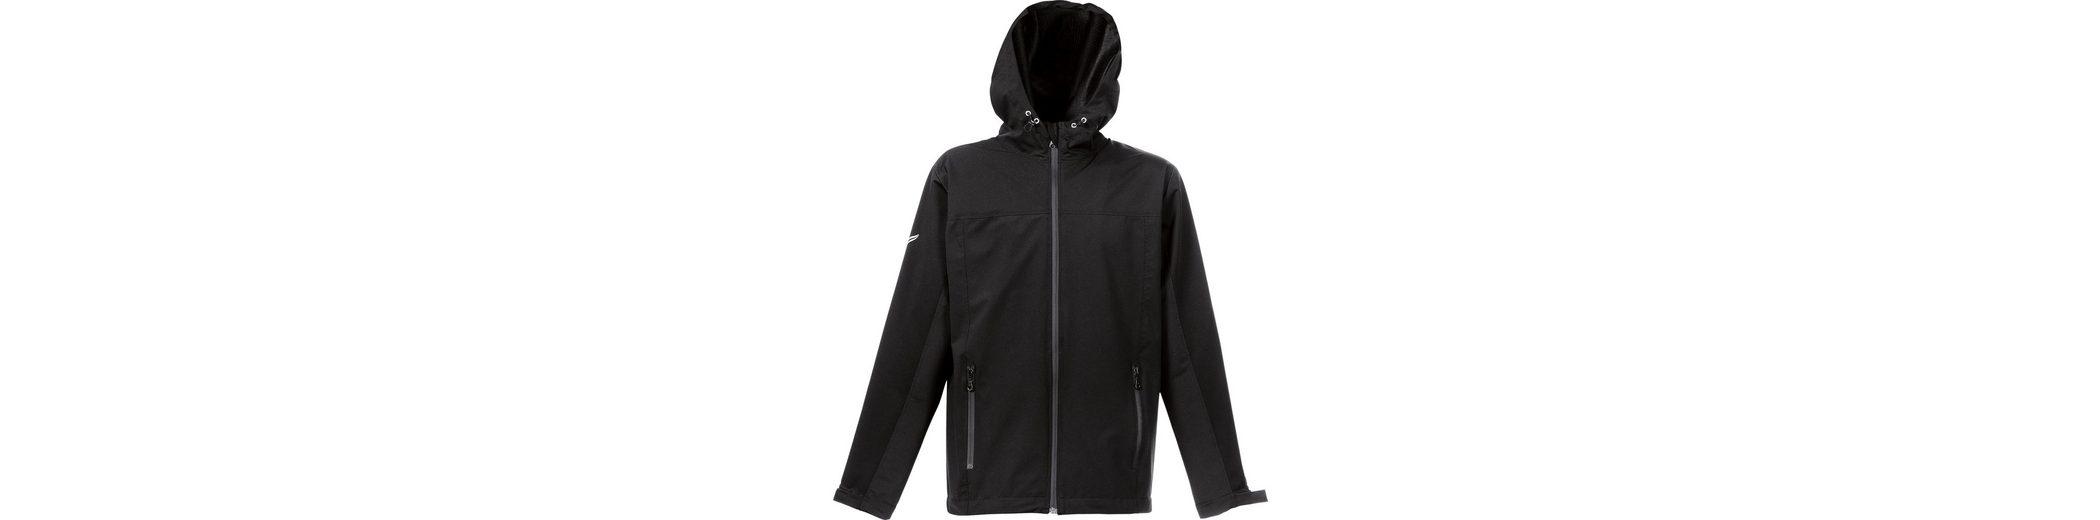 Verkauf Sneakernews TRIGEMA Leichte Regen-Jacke Outlet-Store Zum Verkauf Neuesten Kollektionen Verkauf Online Billig Günstig Online Billig Verkauf Niedriger Versand jxbNX7Inr